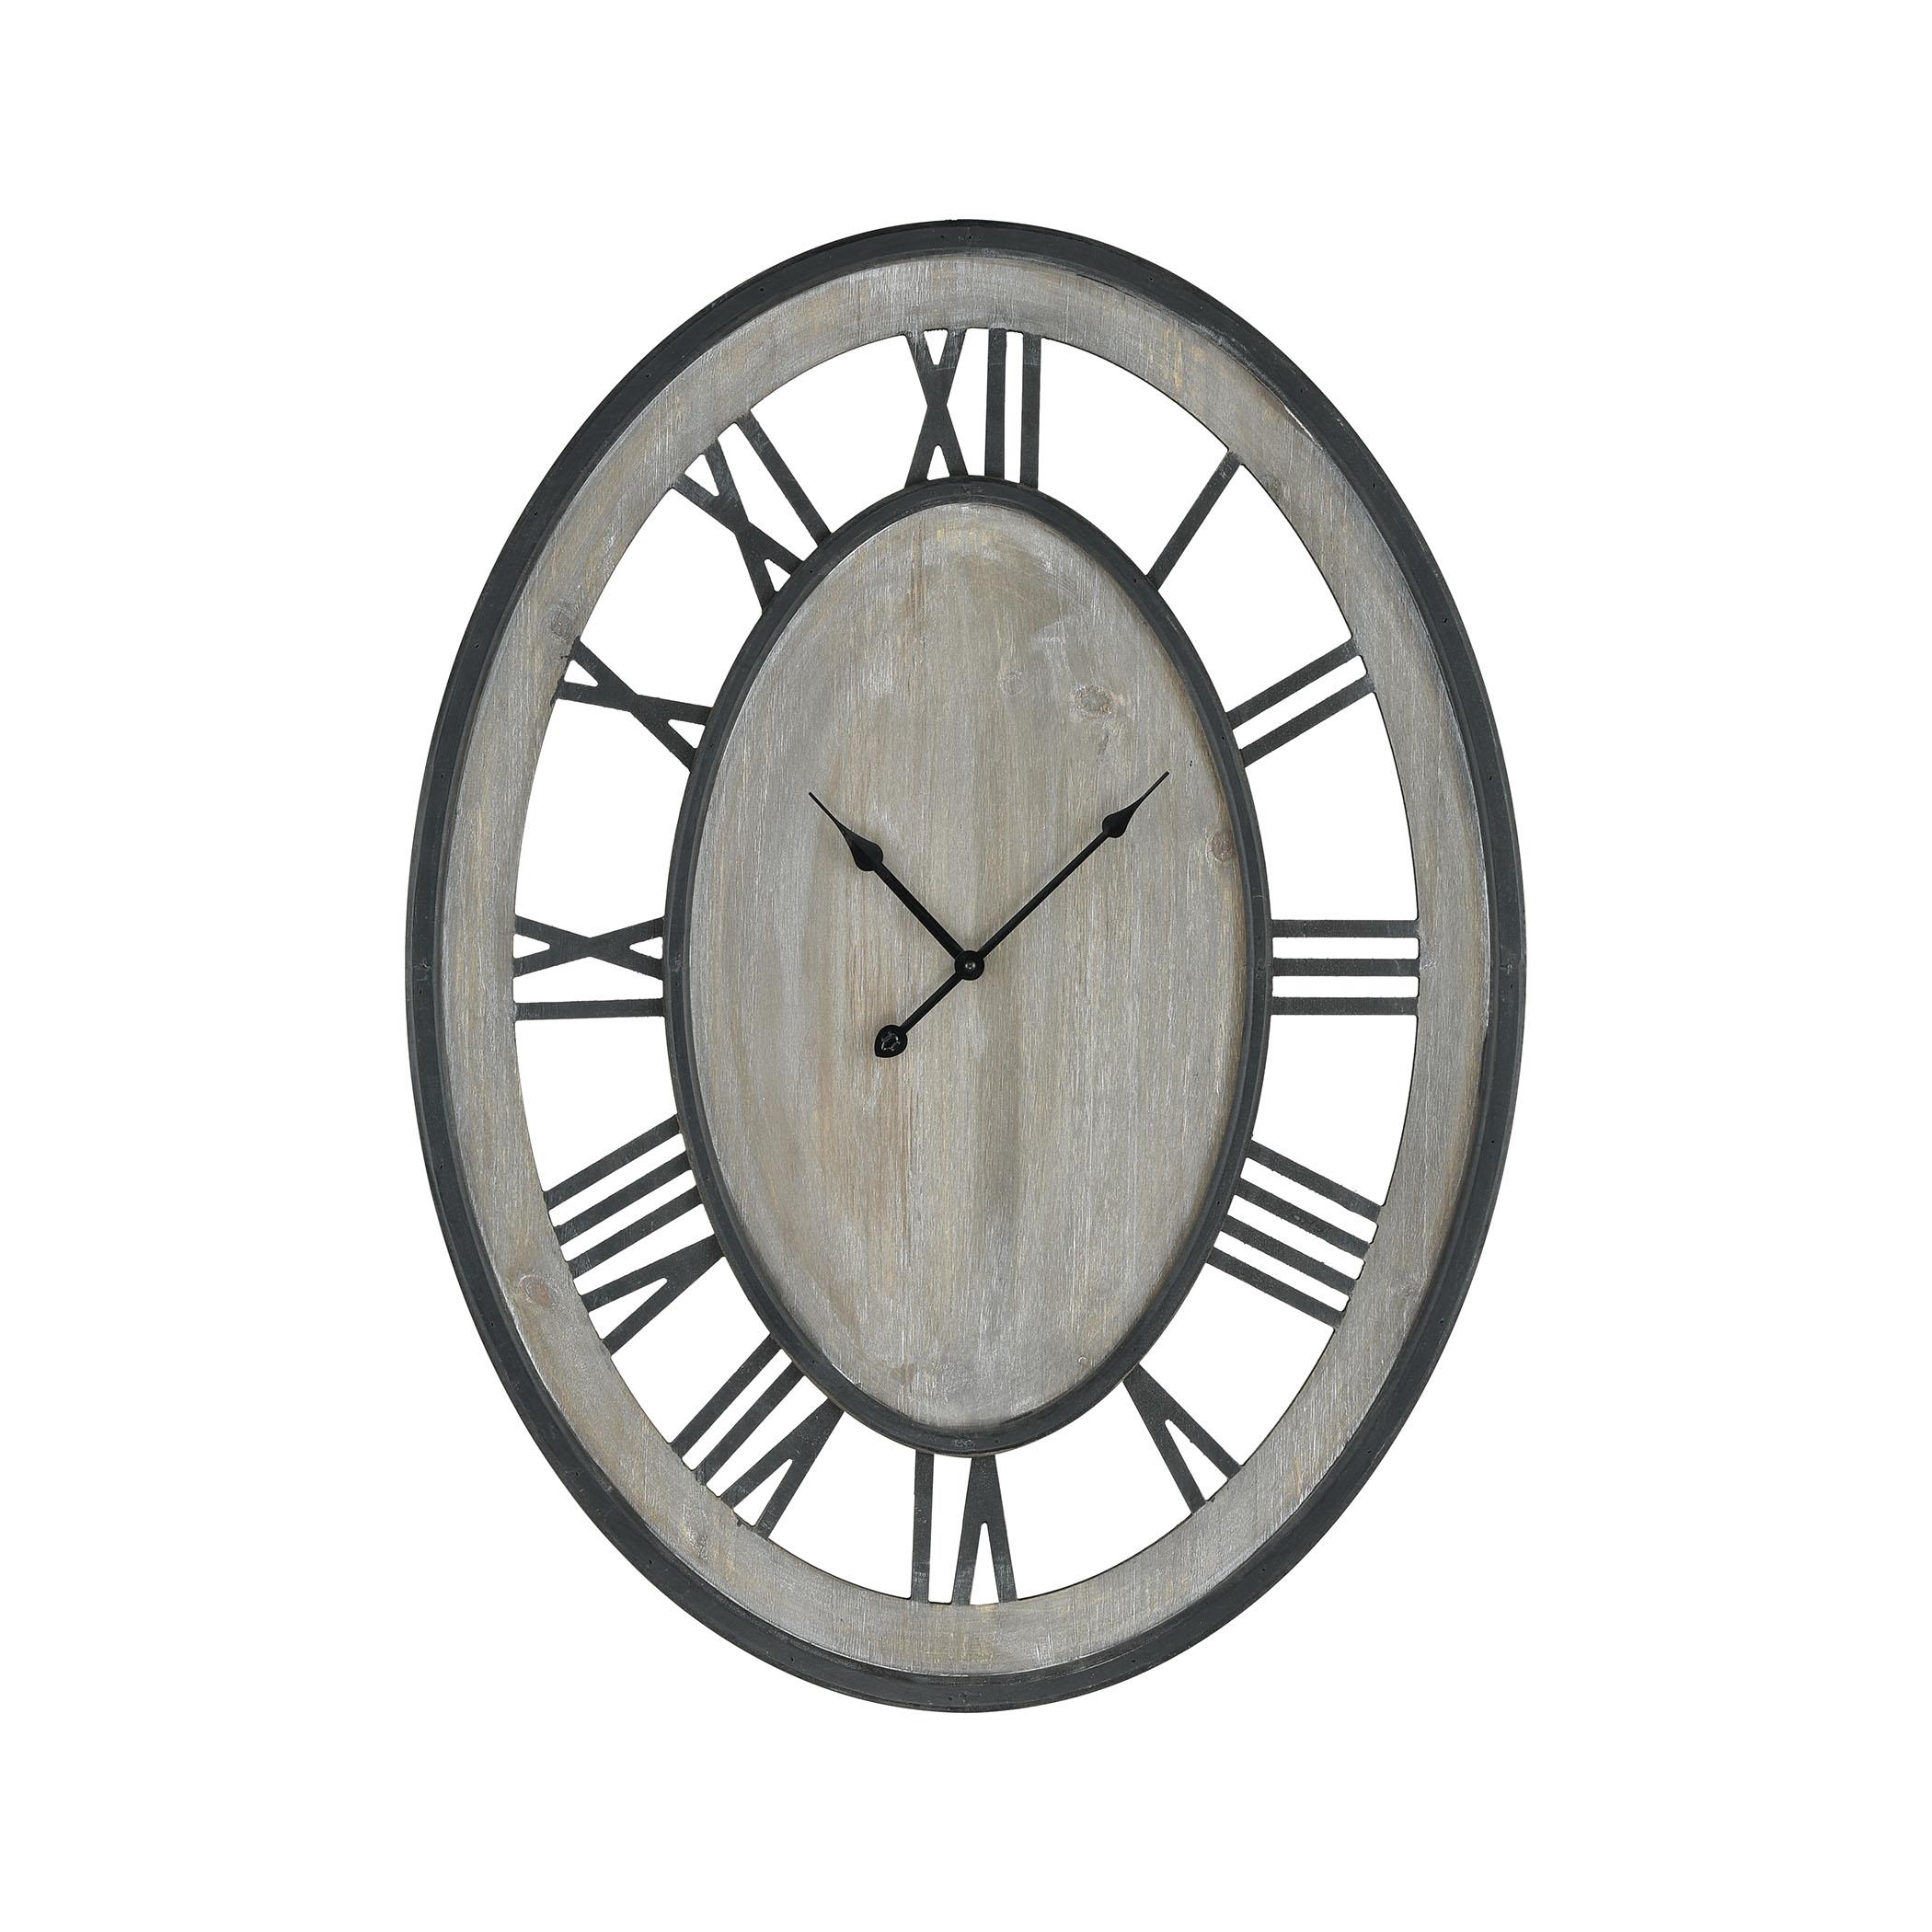 Cockspur Street Wall Clock | Elk Home